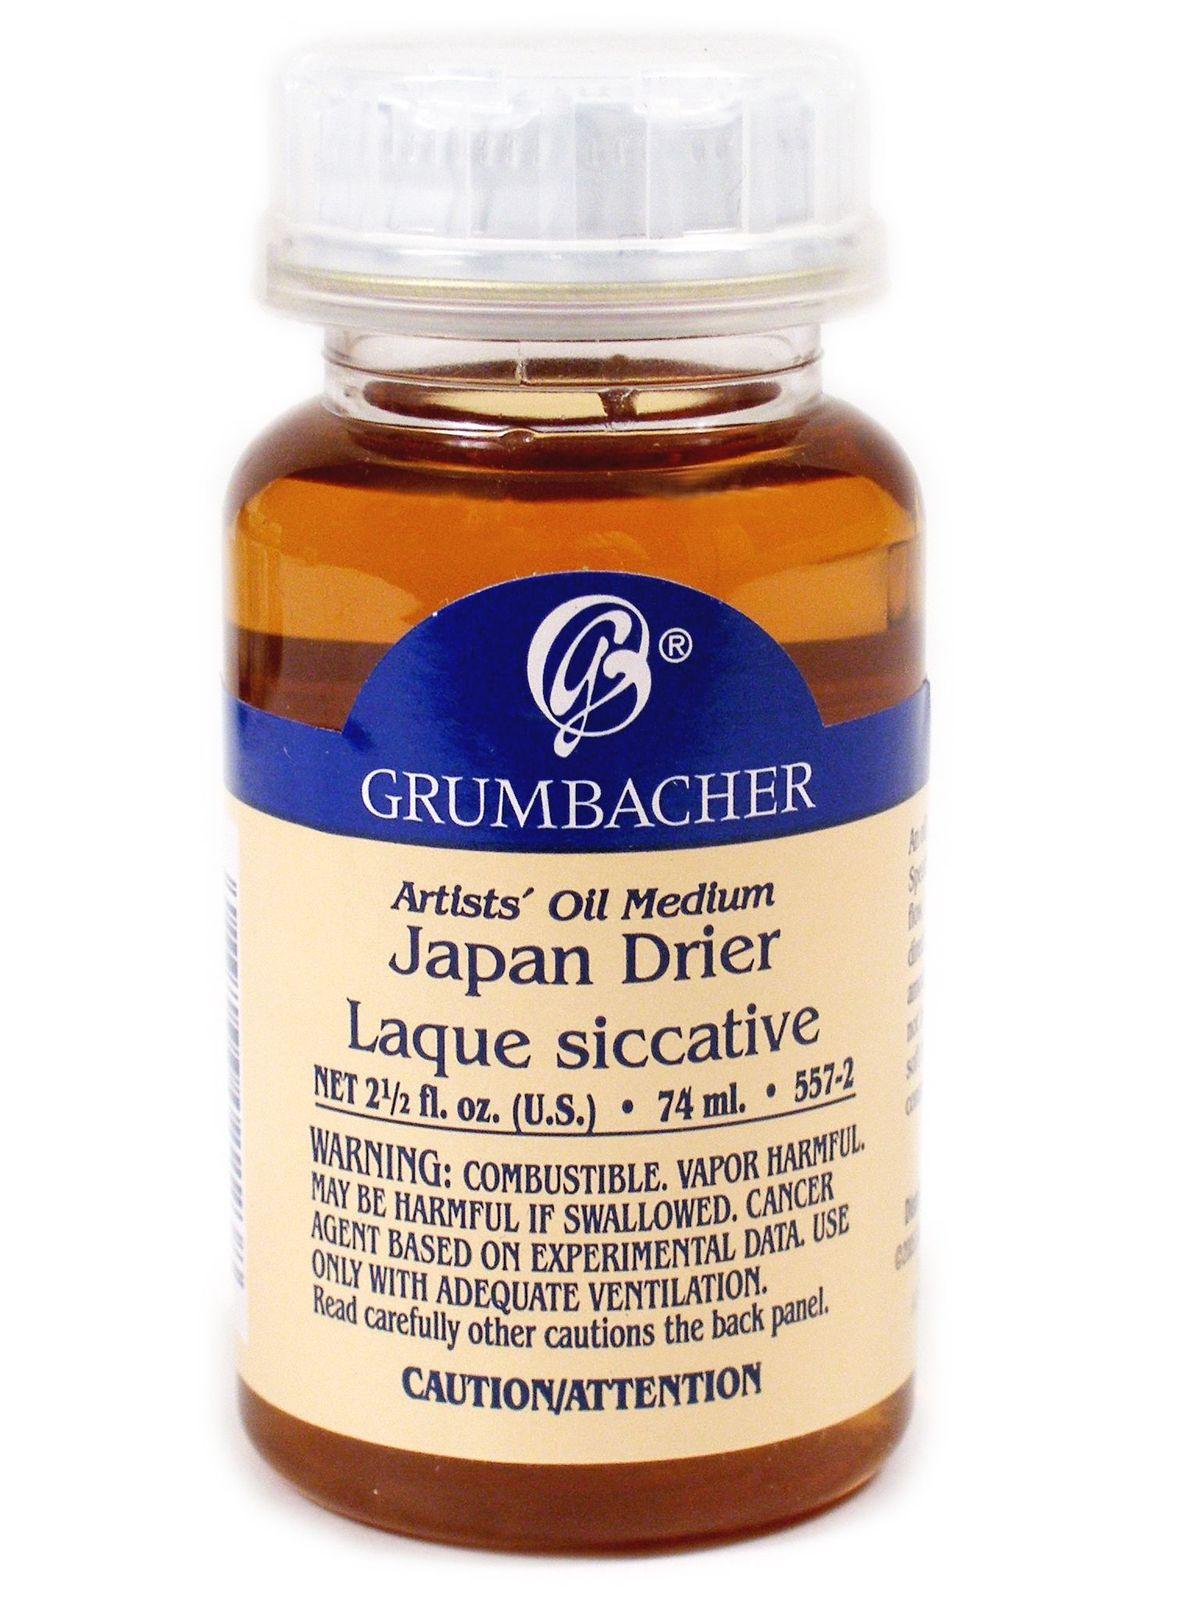 Japan Drier